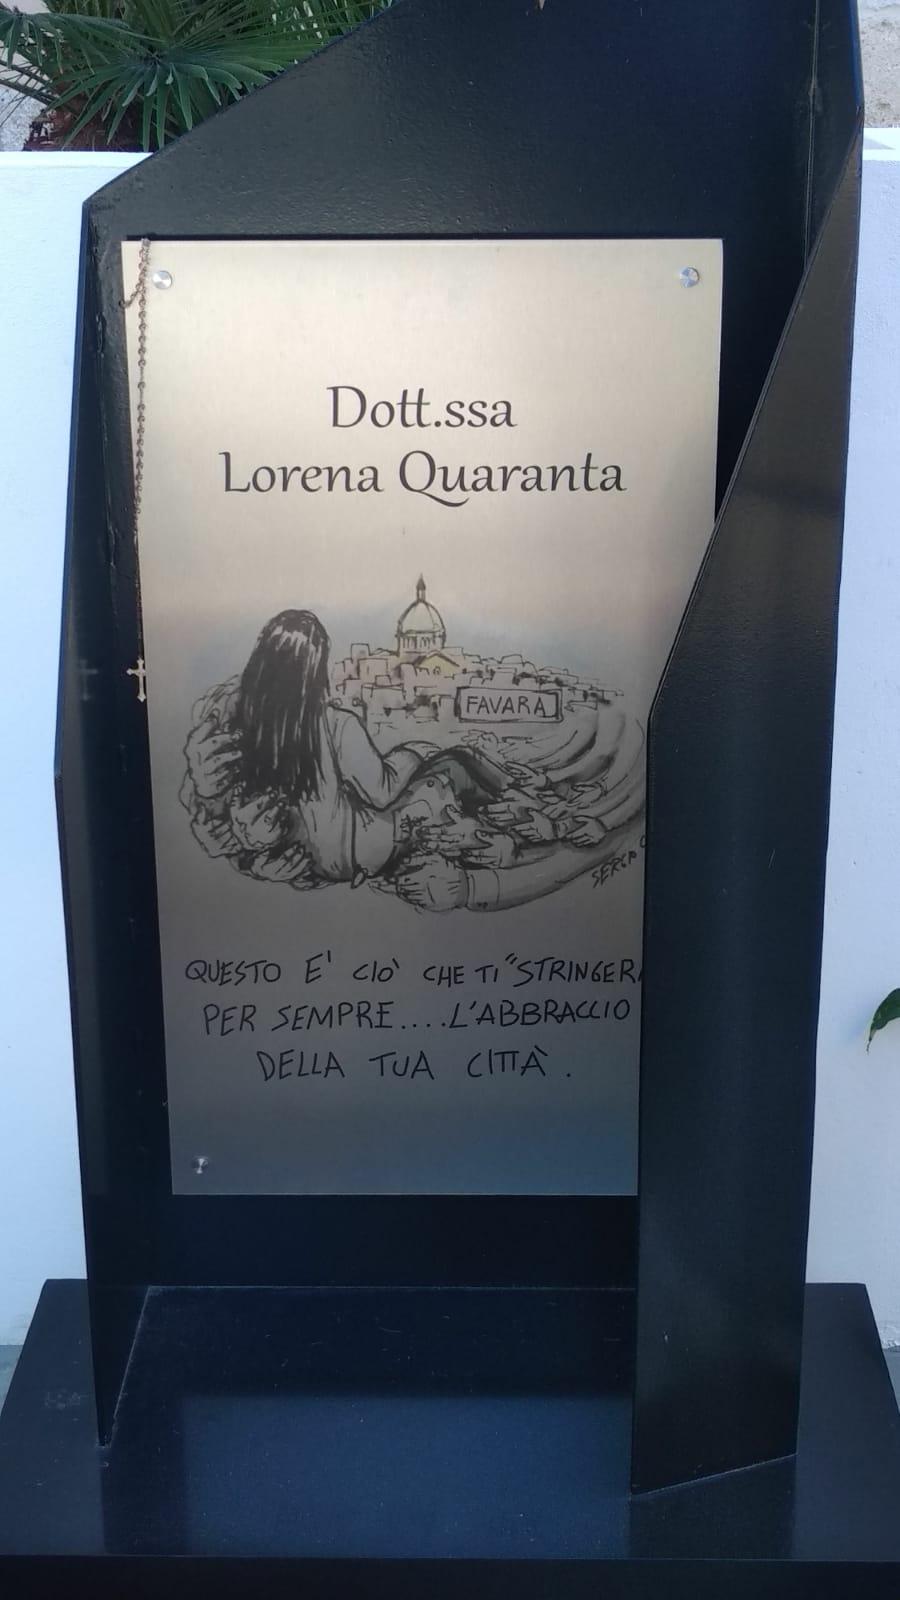 dott.ssa lorena quaranta